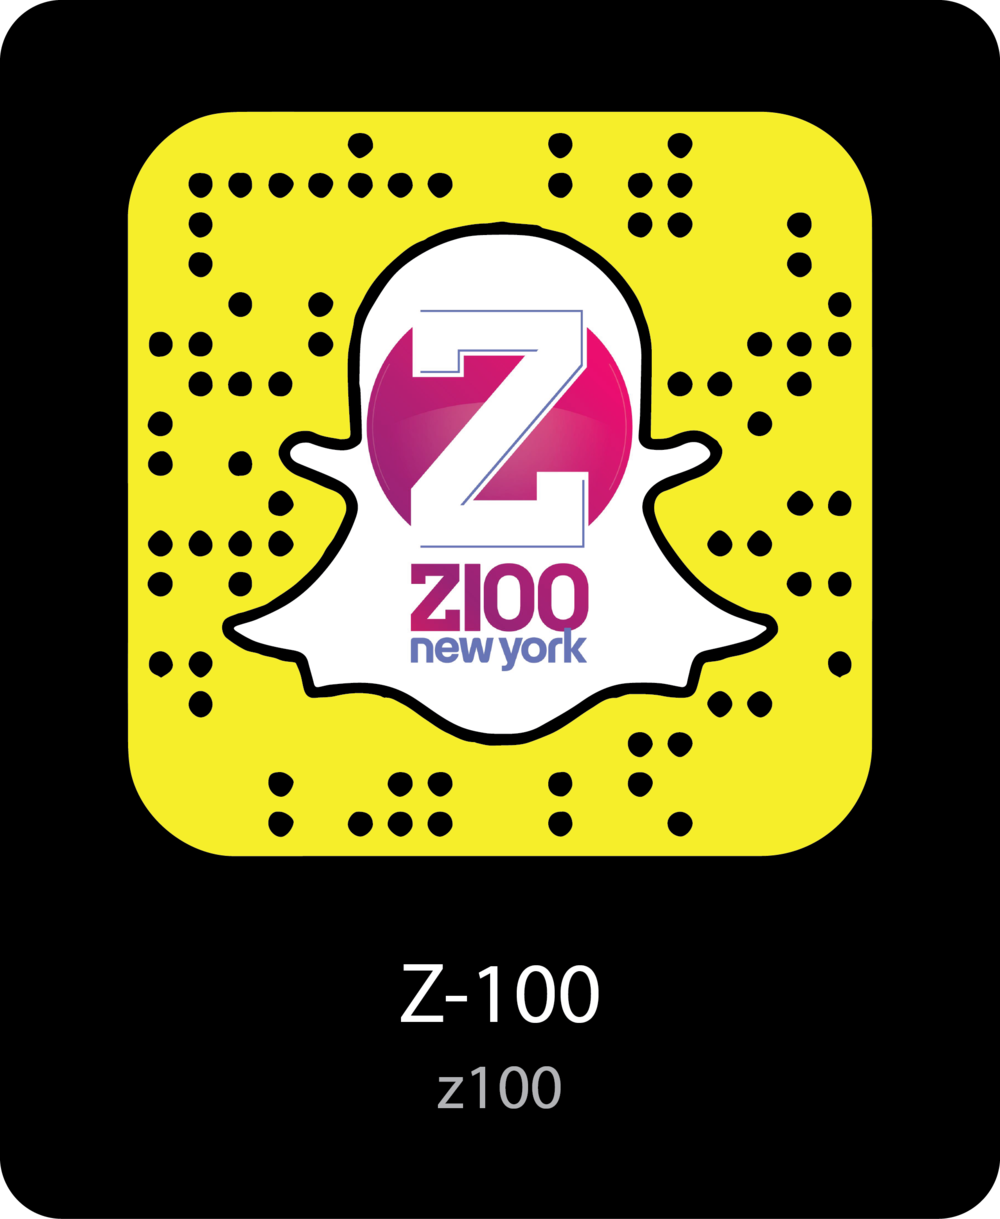 z100ny-Radio-Stations-snapchat-snapcode.png